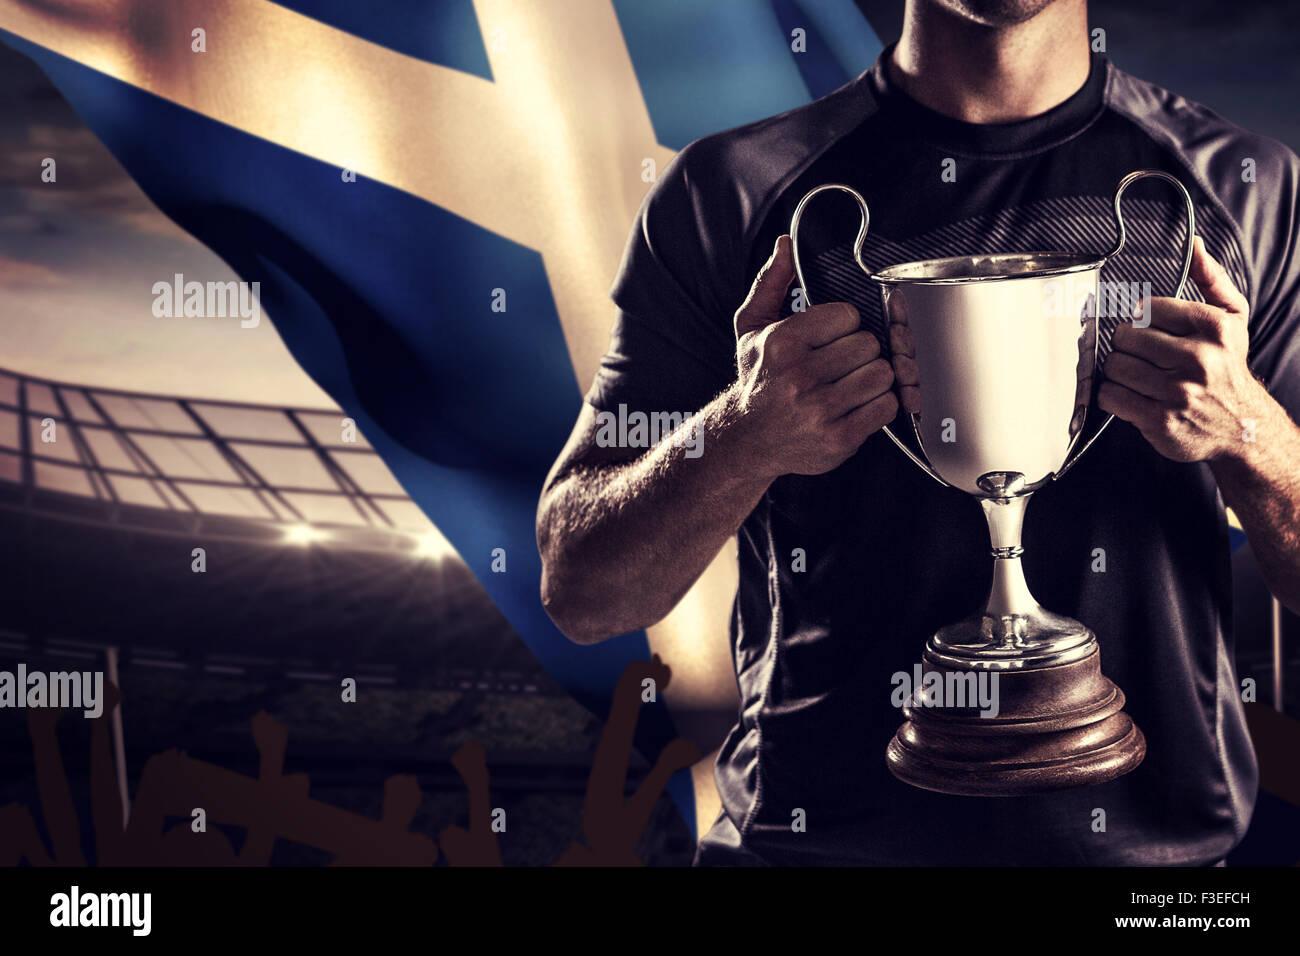 Imagen compuesta de jugador de rugby celebración trofeo victorioso Imagen De Stock